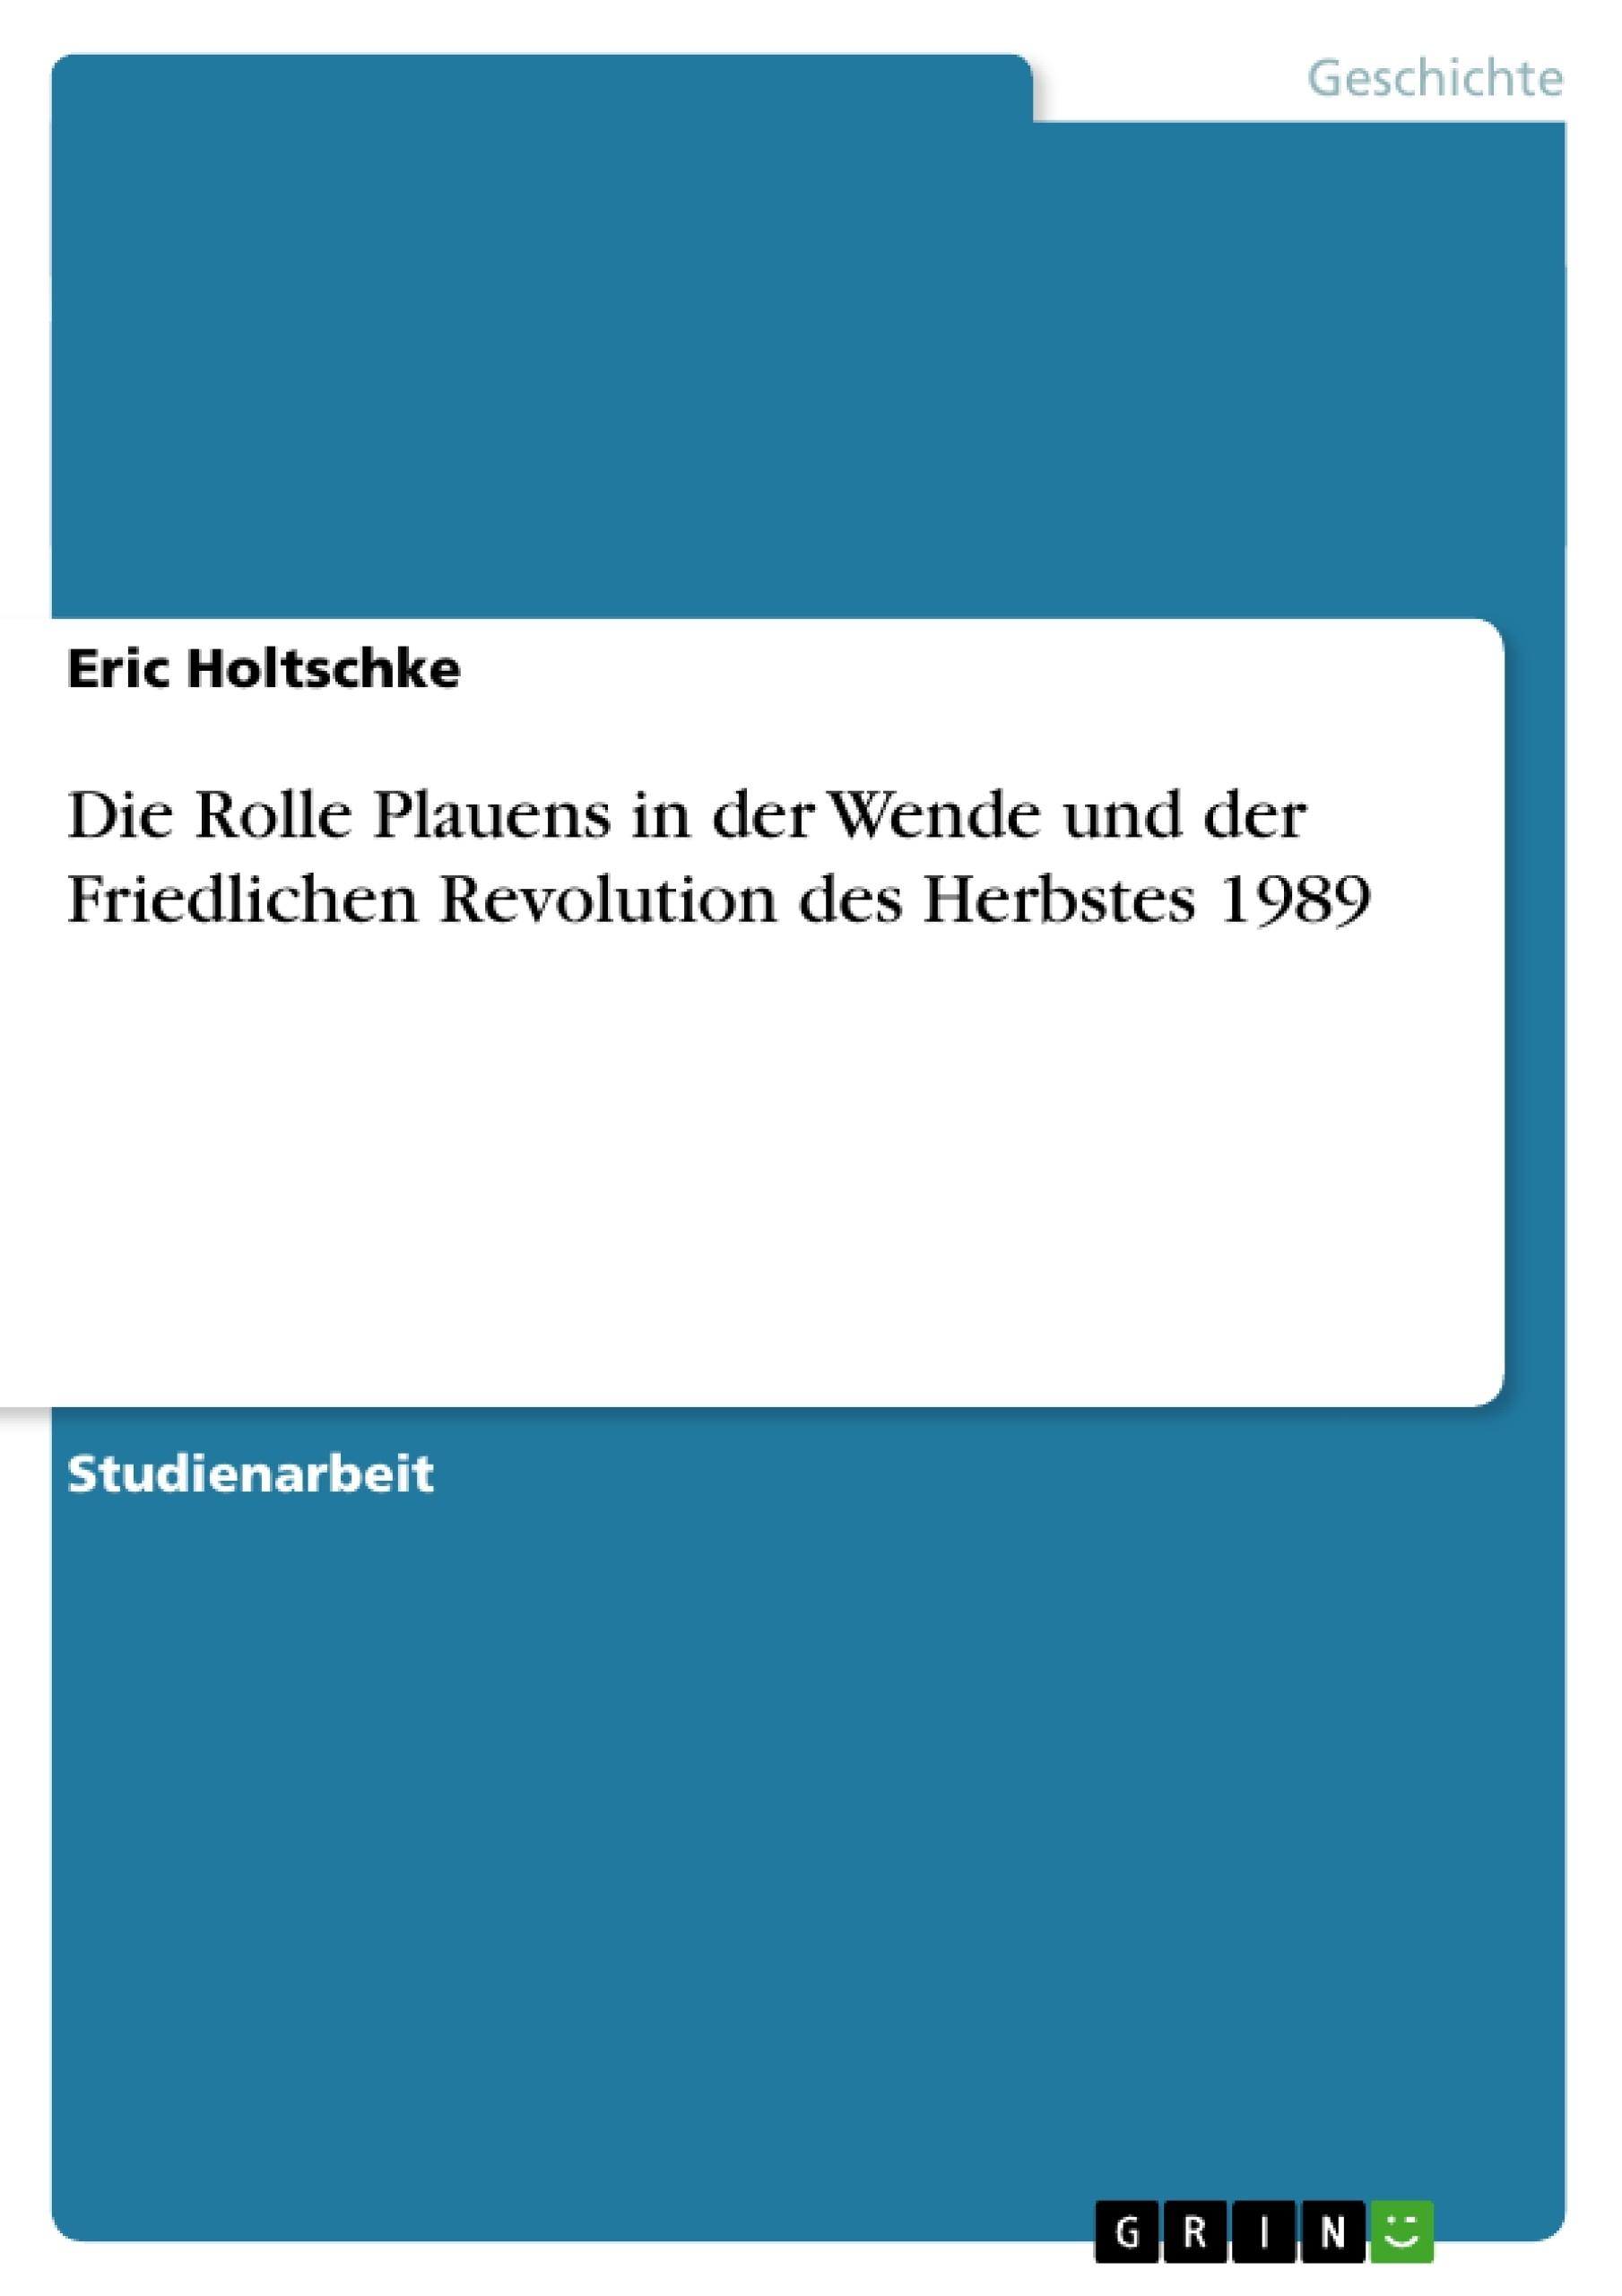 Titel: Die Rolle Plauens in der Wende und der Friedlichen Revolution des Herbstes 1989